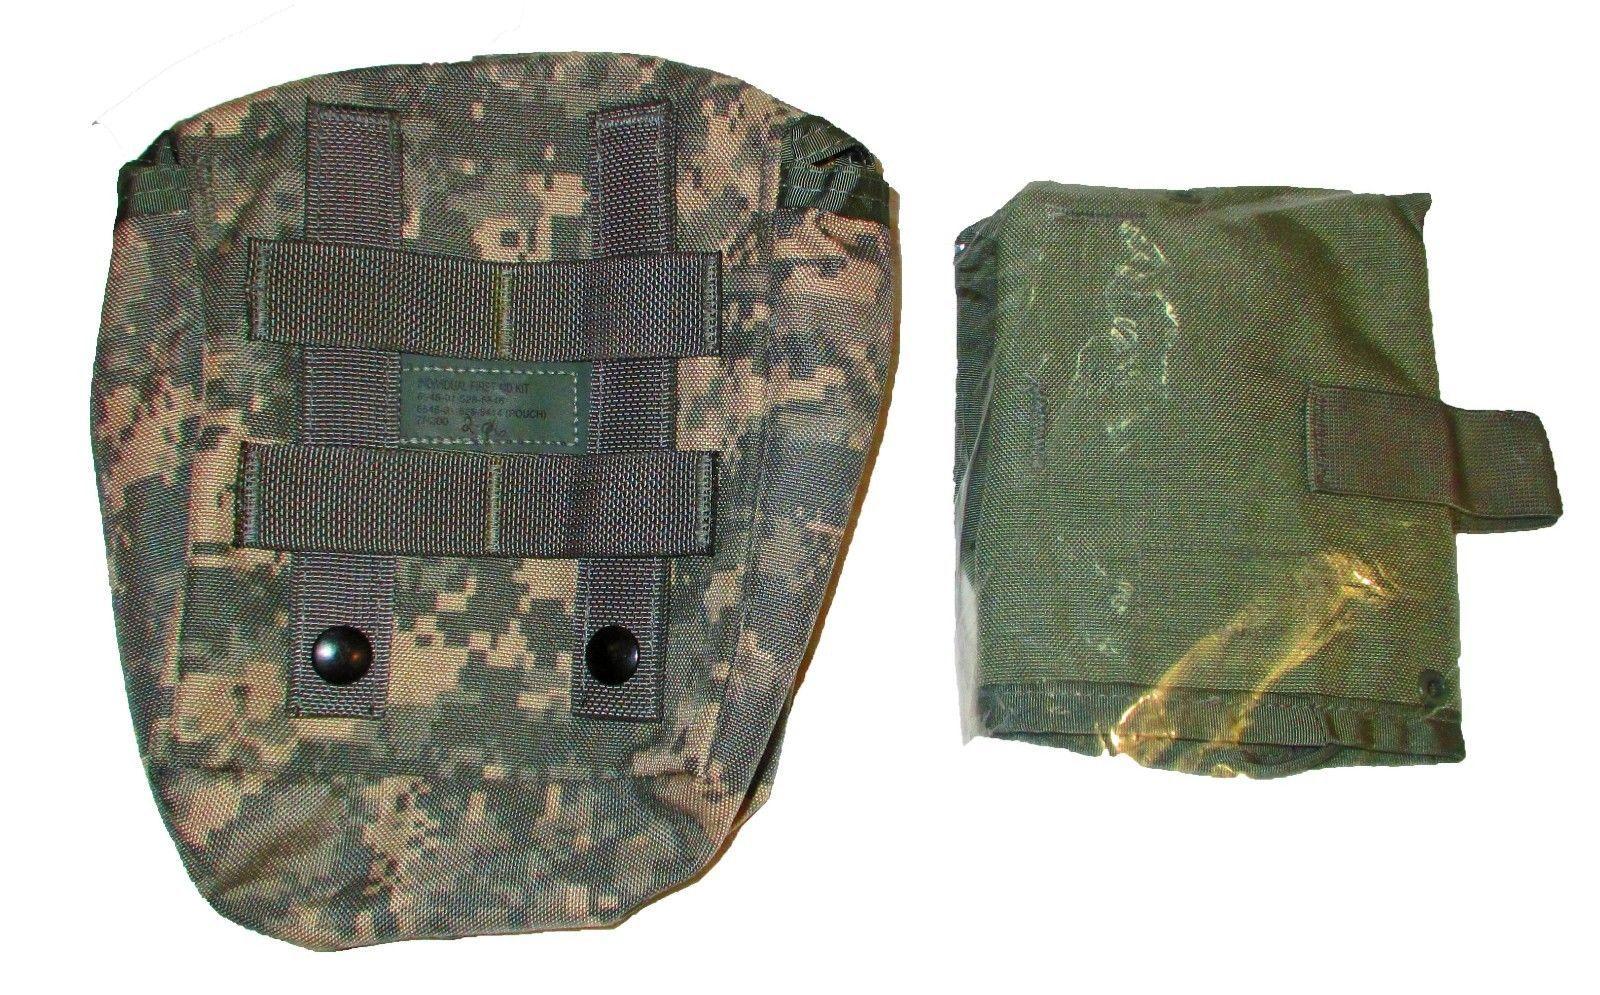 US Military ACU Molle II Digi Camo IFAK and 12 similar items